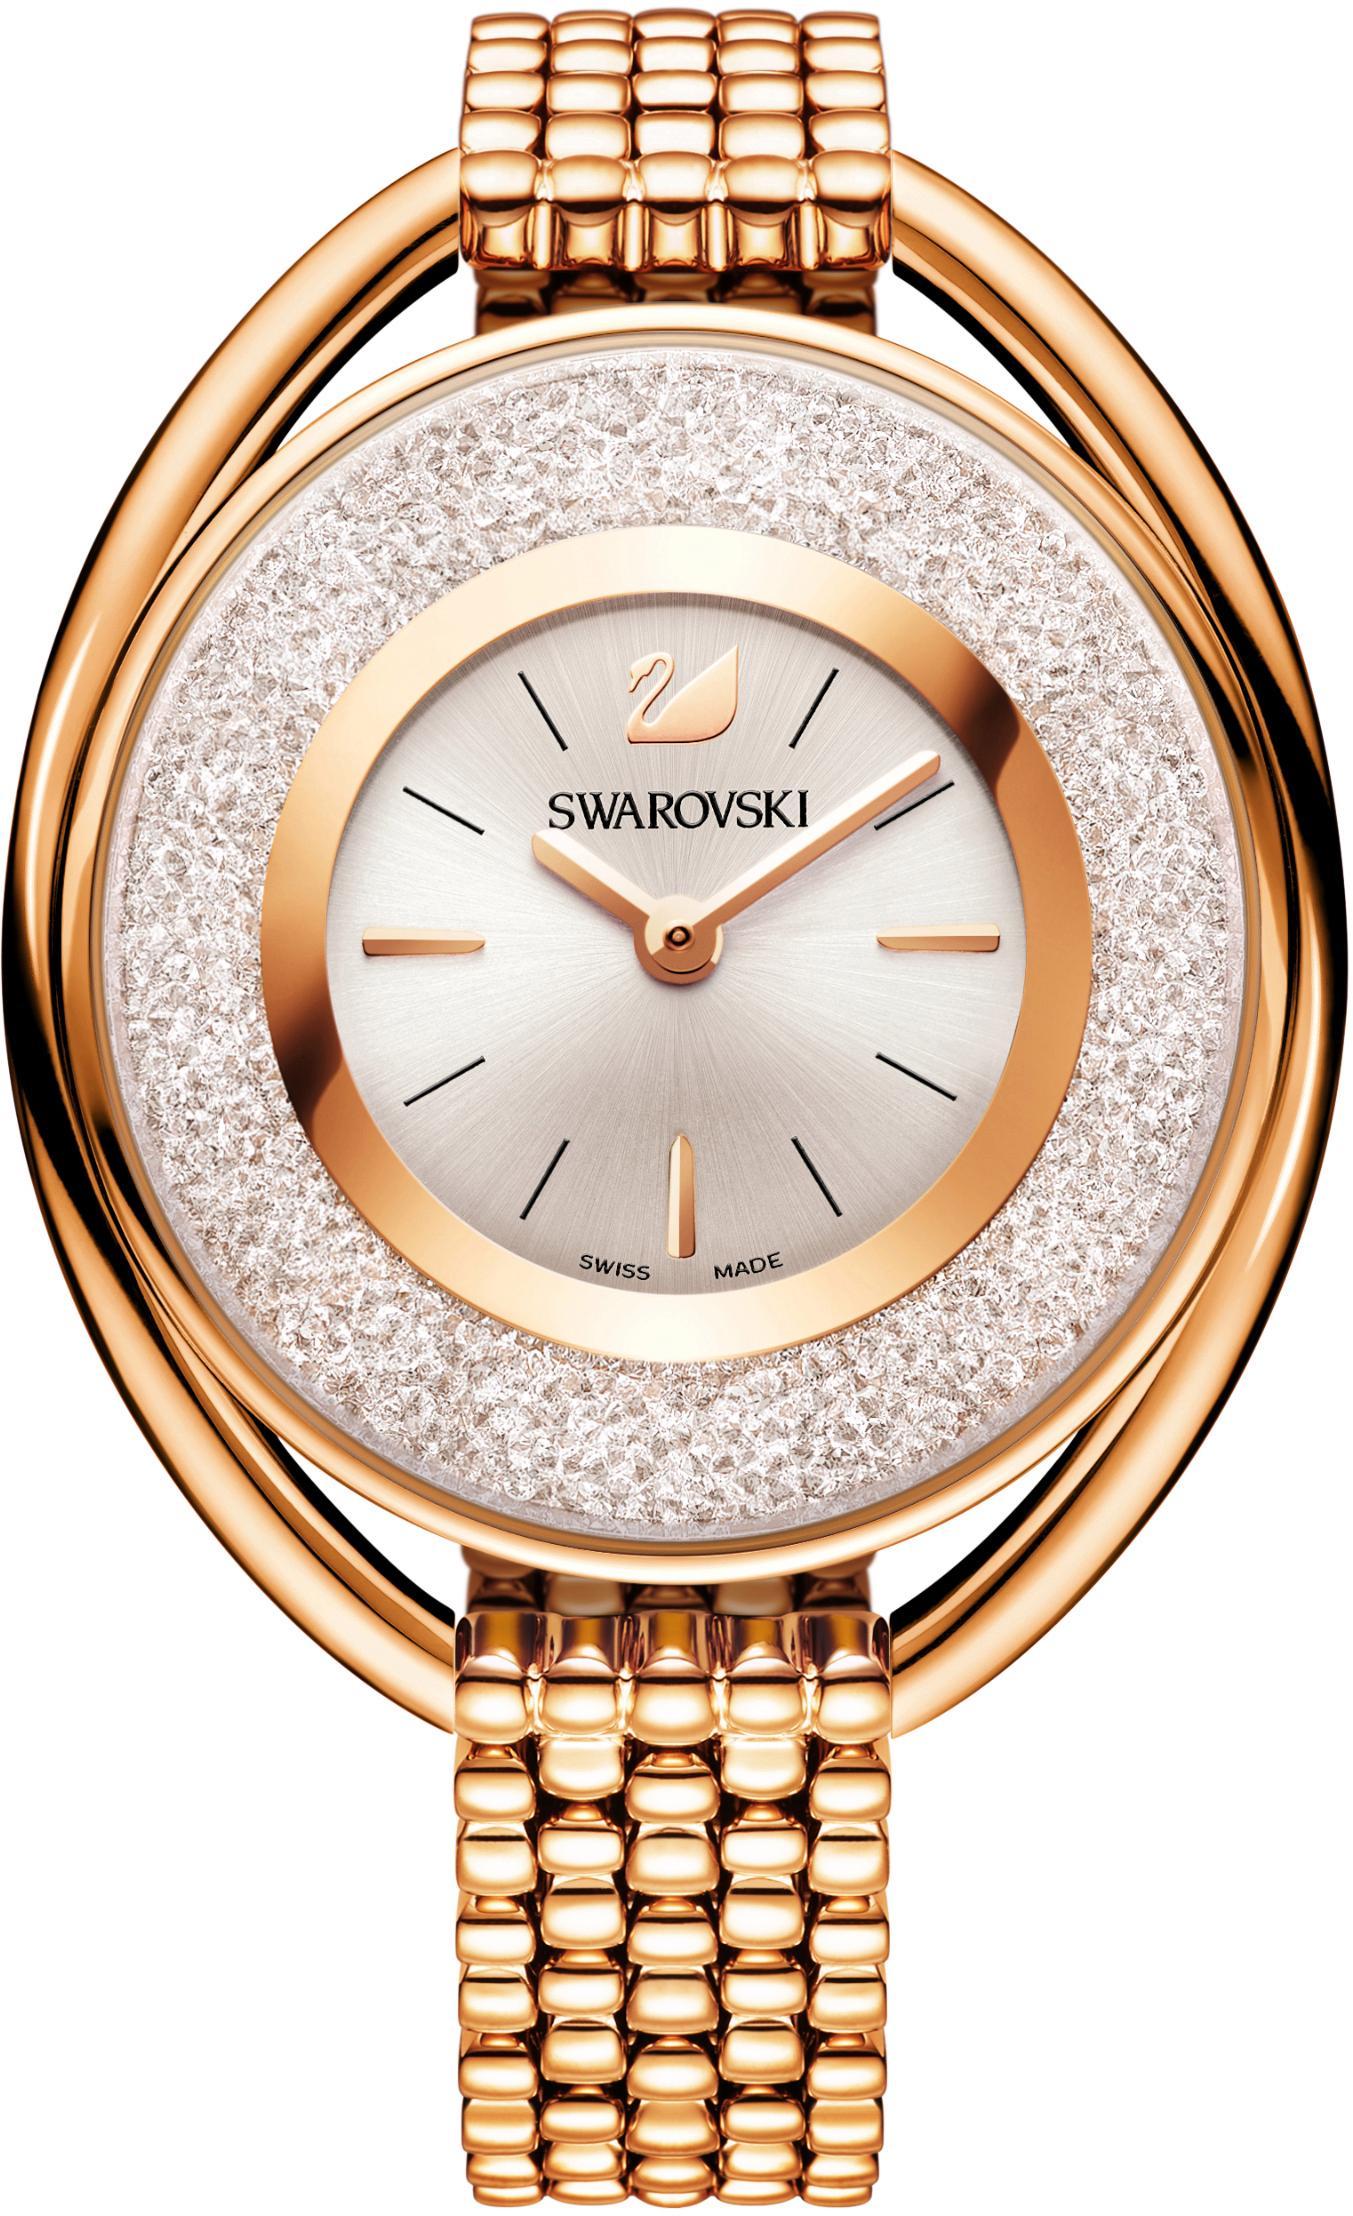 Swarovski Schweizer Uhr Crystalline Oval Uhr Metallarmband weiss roséfarben 5200341 | Uhren > Schweizer Uhren | Swarovski